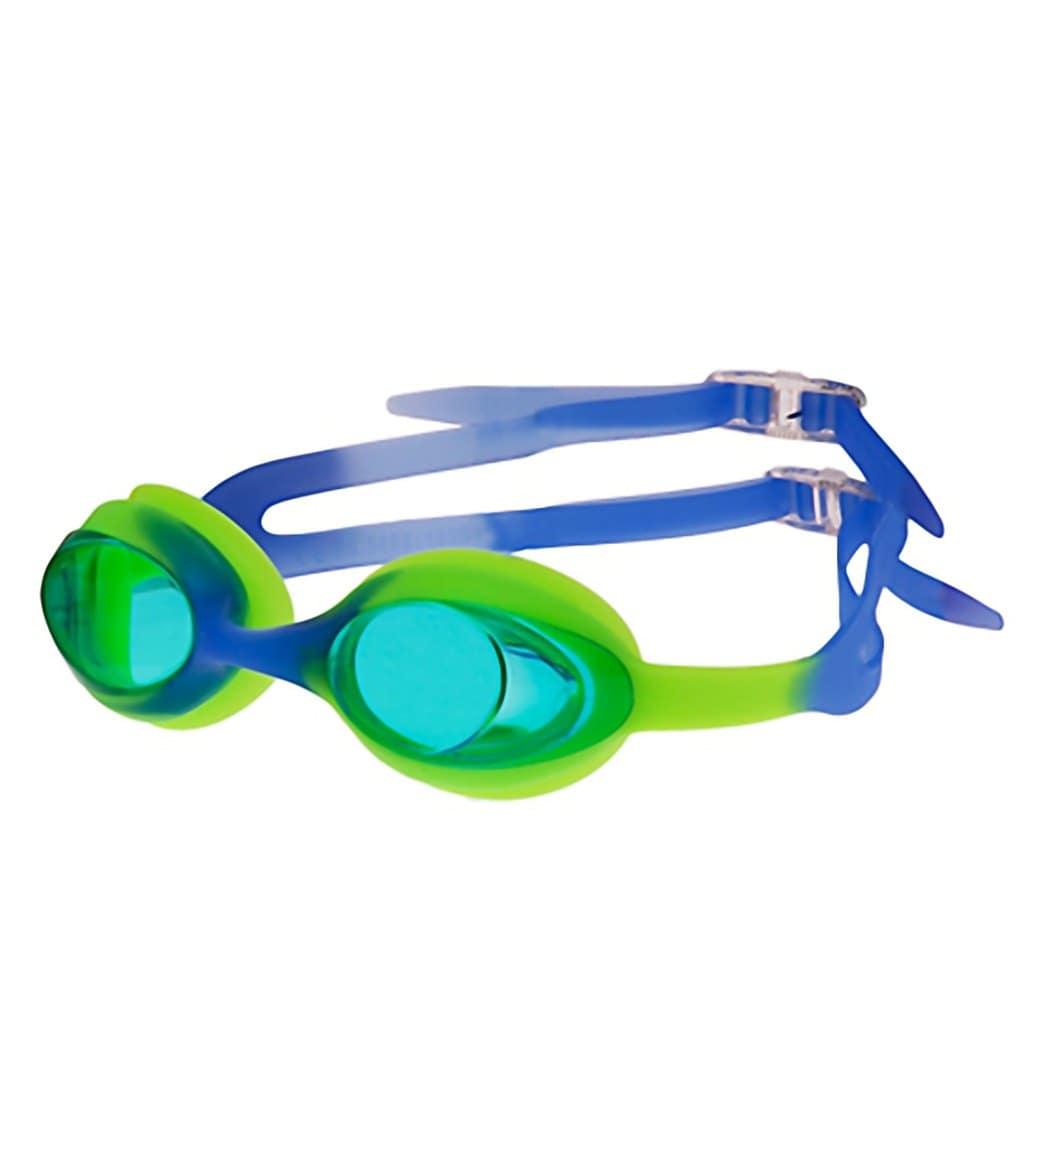 26a06d53b00 Sporti Antifog Cabo Jr. Goggle at SwimOutlet.com